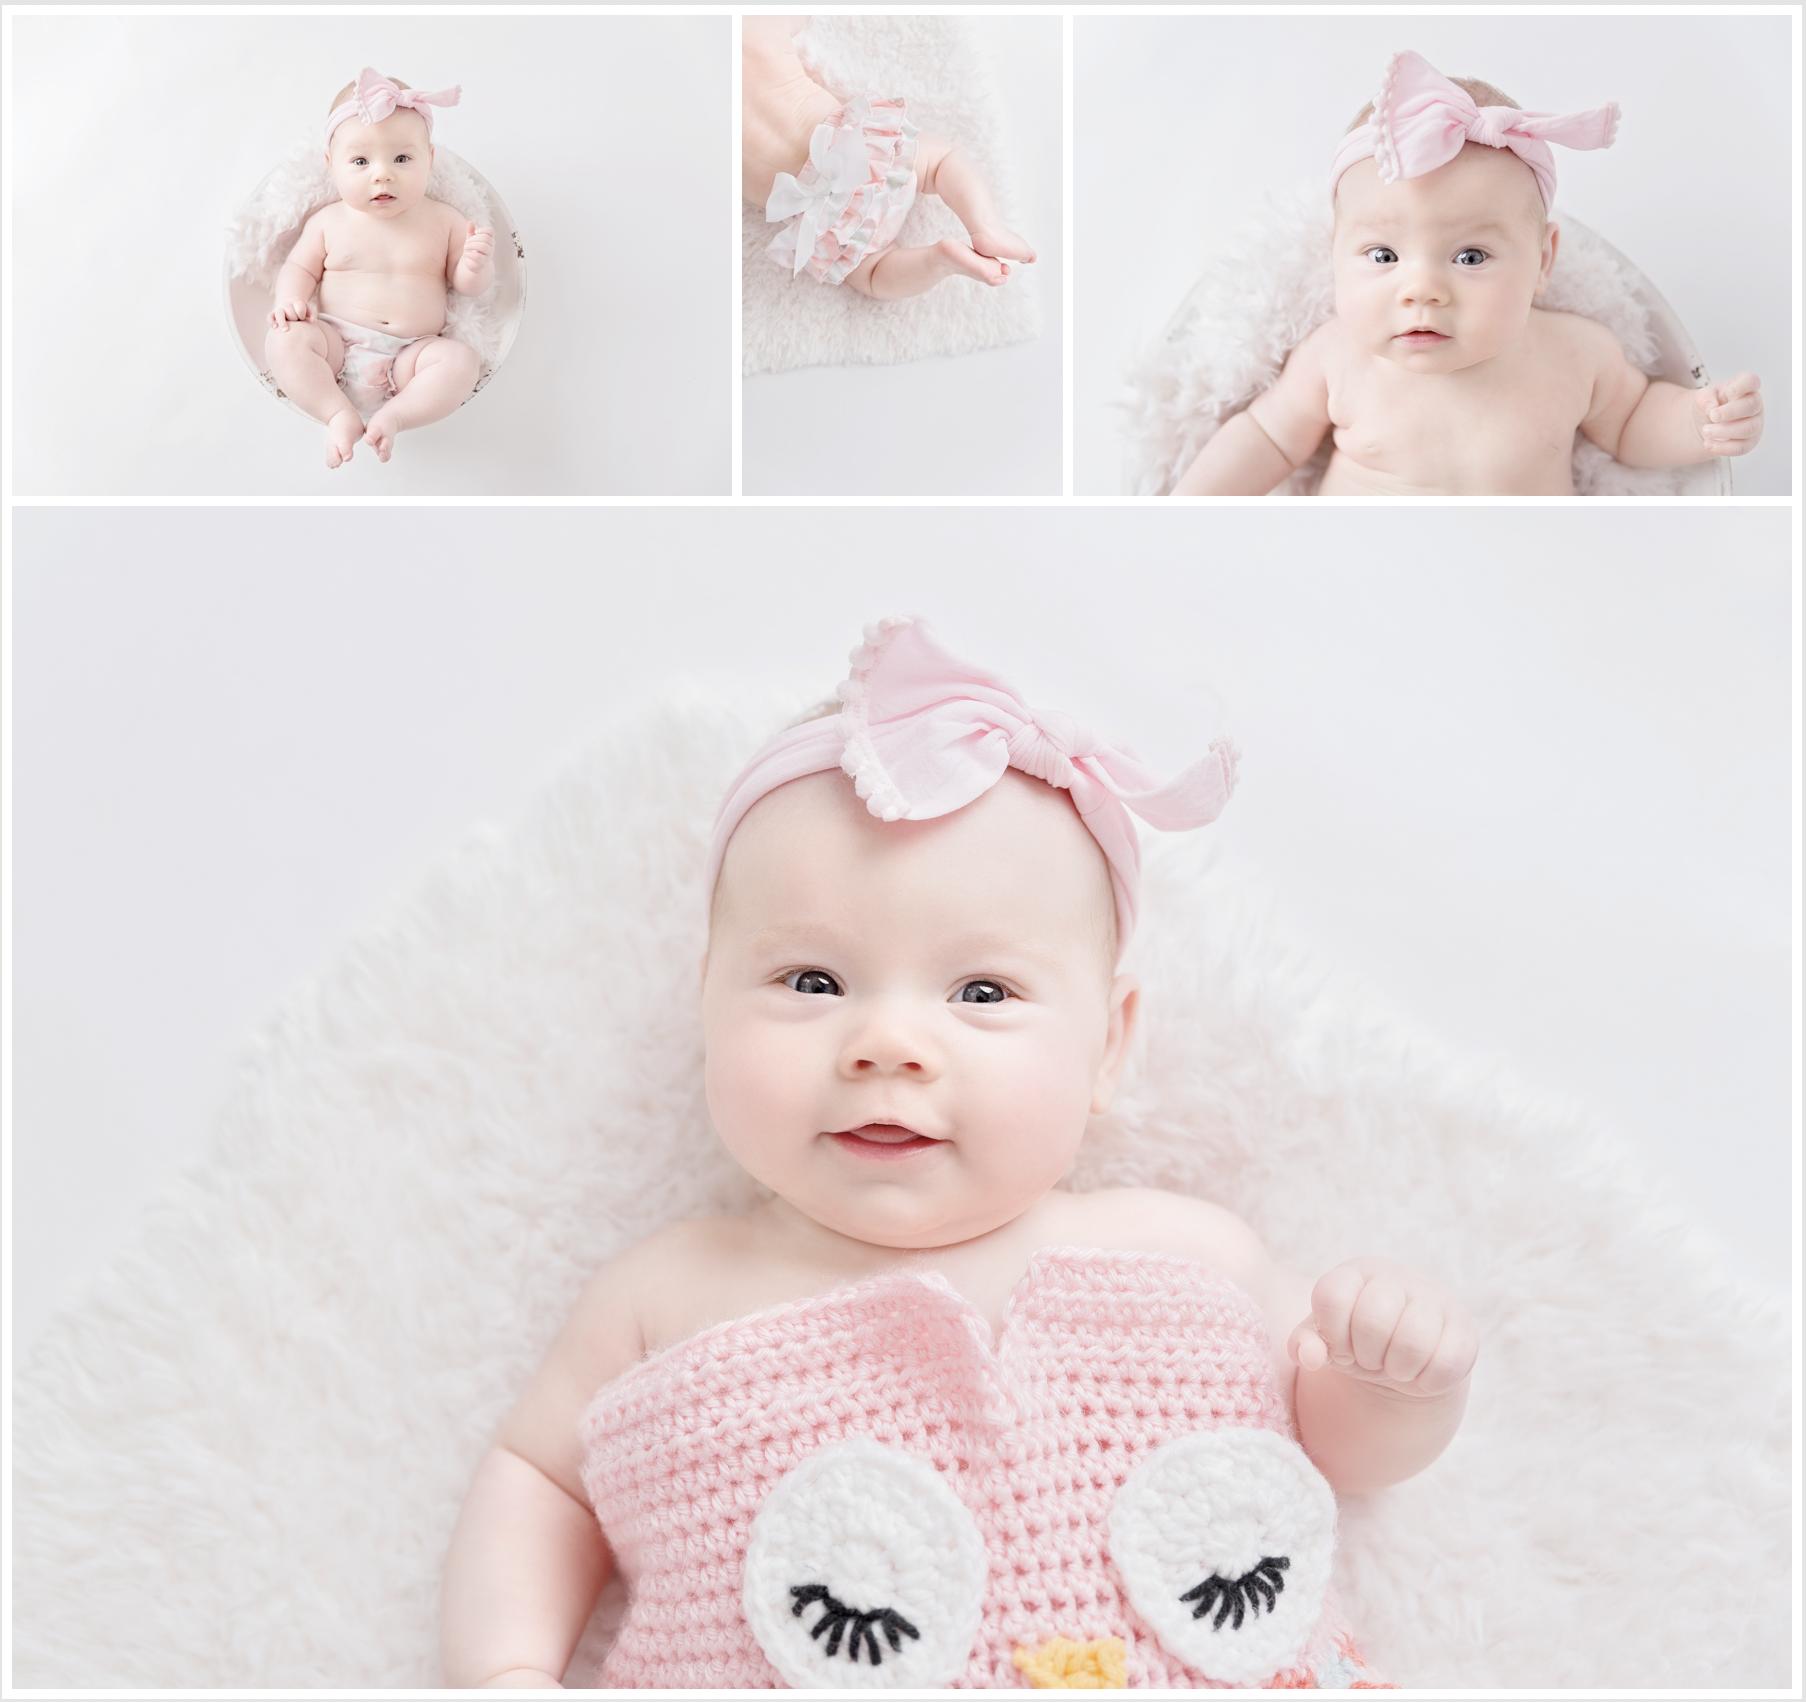 milestone-tummy-time-images-baby-photography-infant-photos-newborn-pictures-spokane-washington